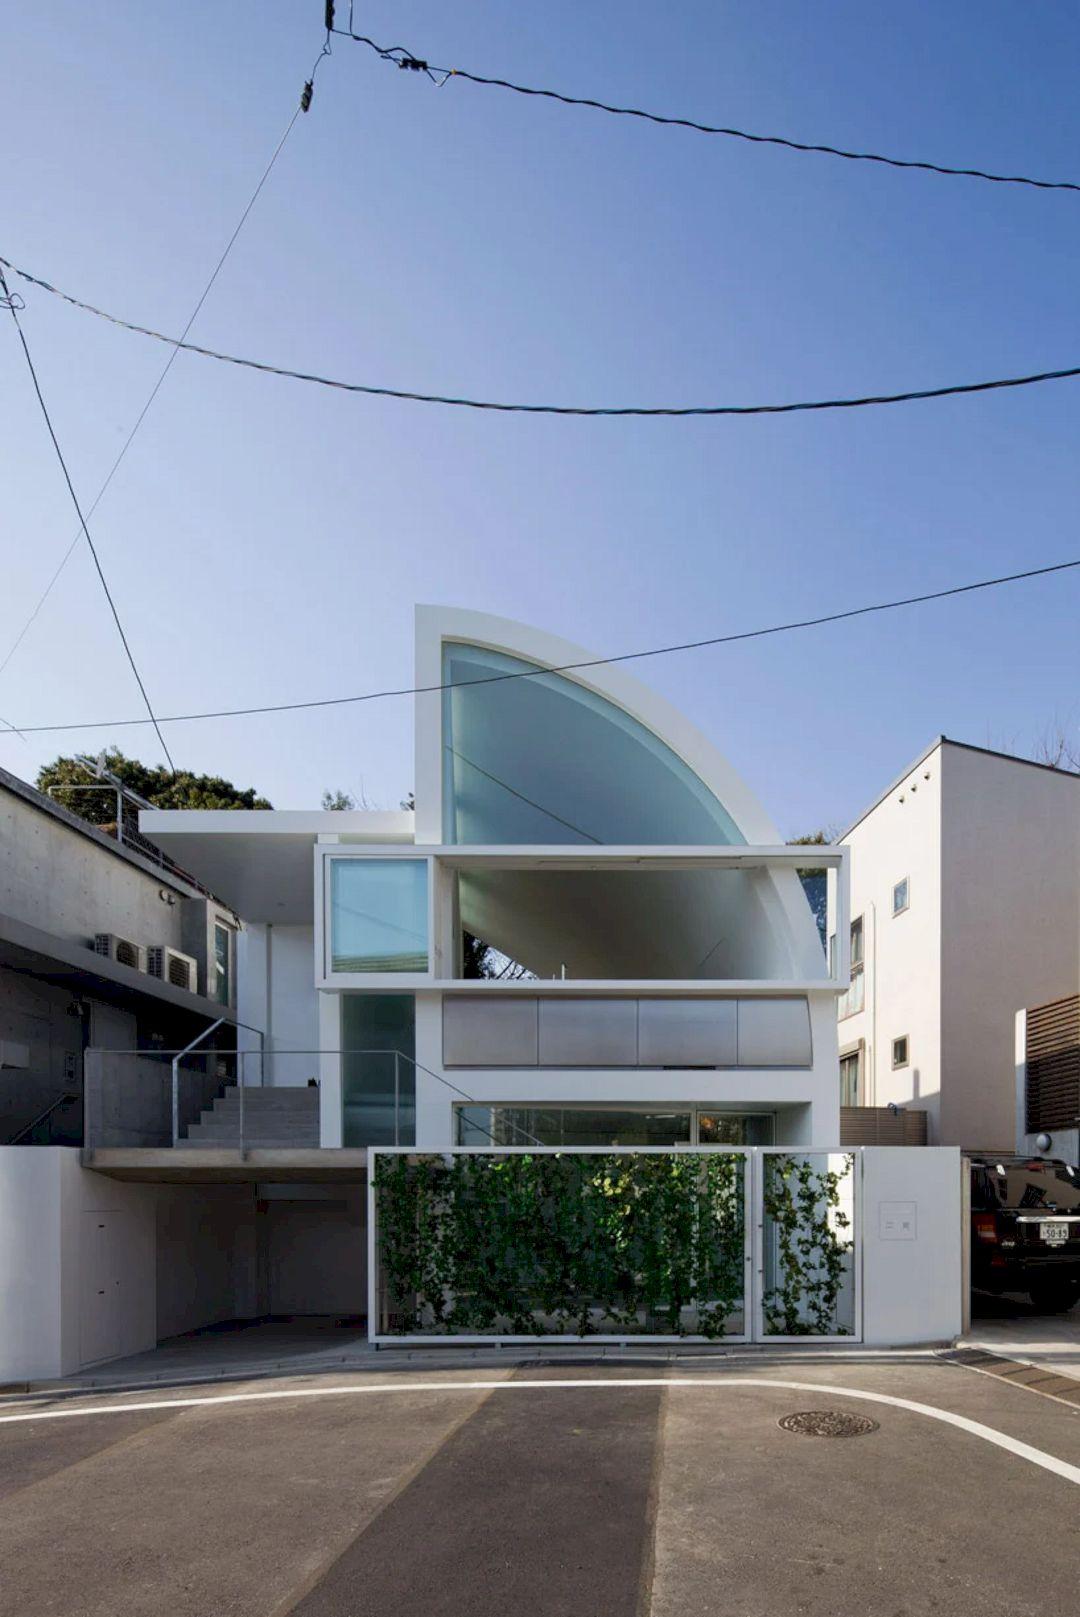 House At Hanegi Park By Shigeru Ban Architects 8